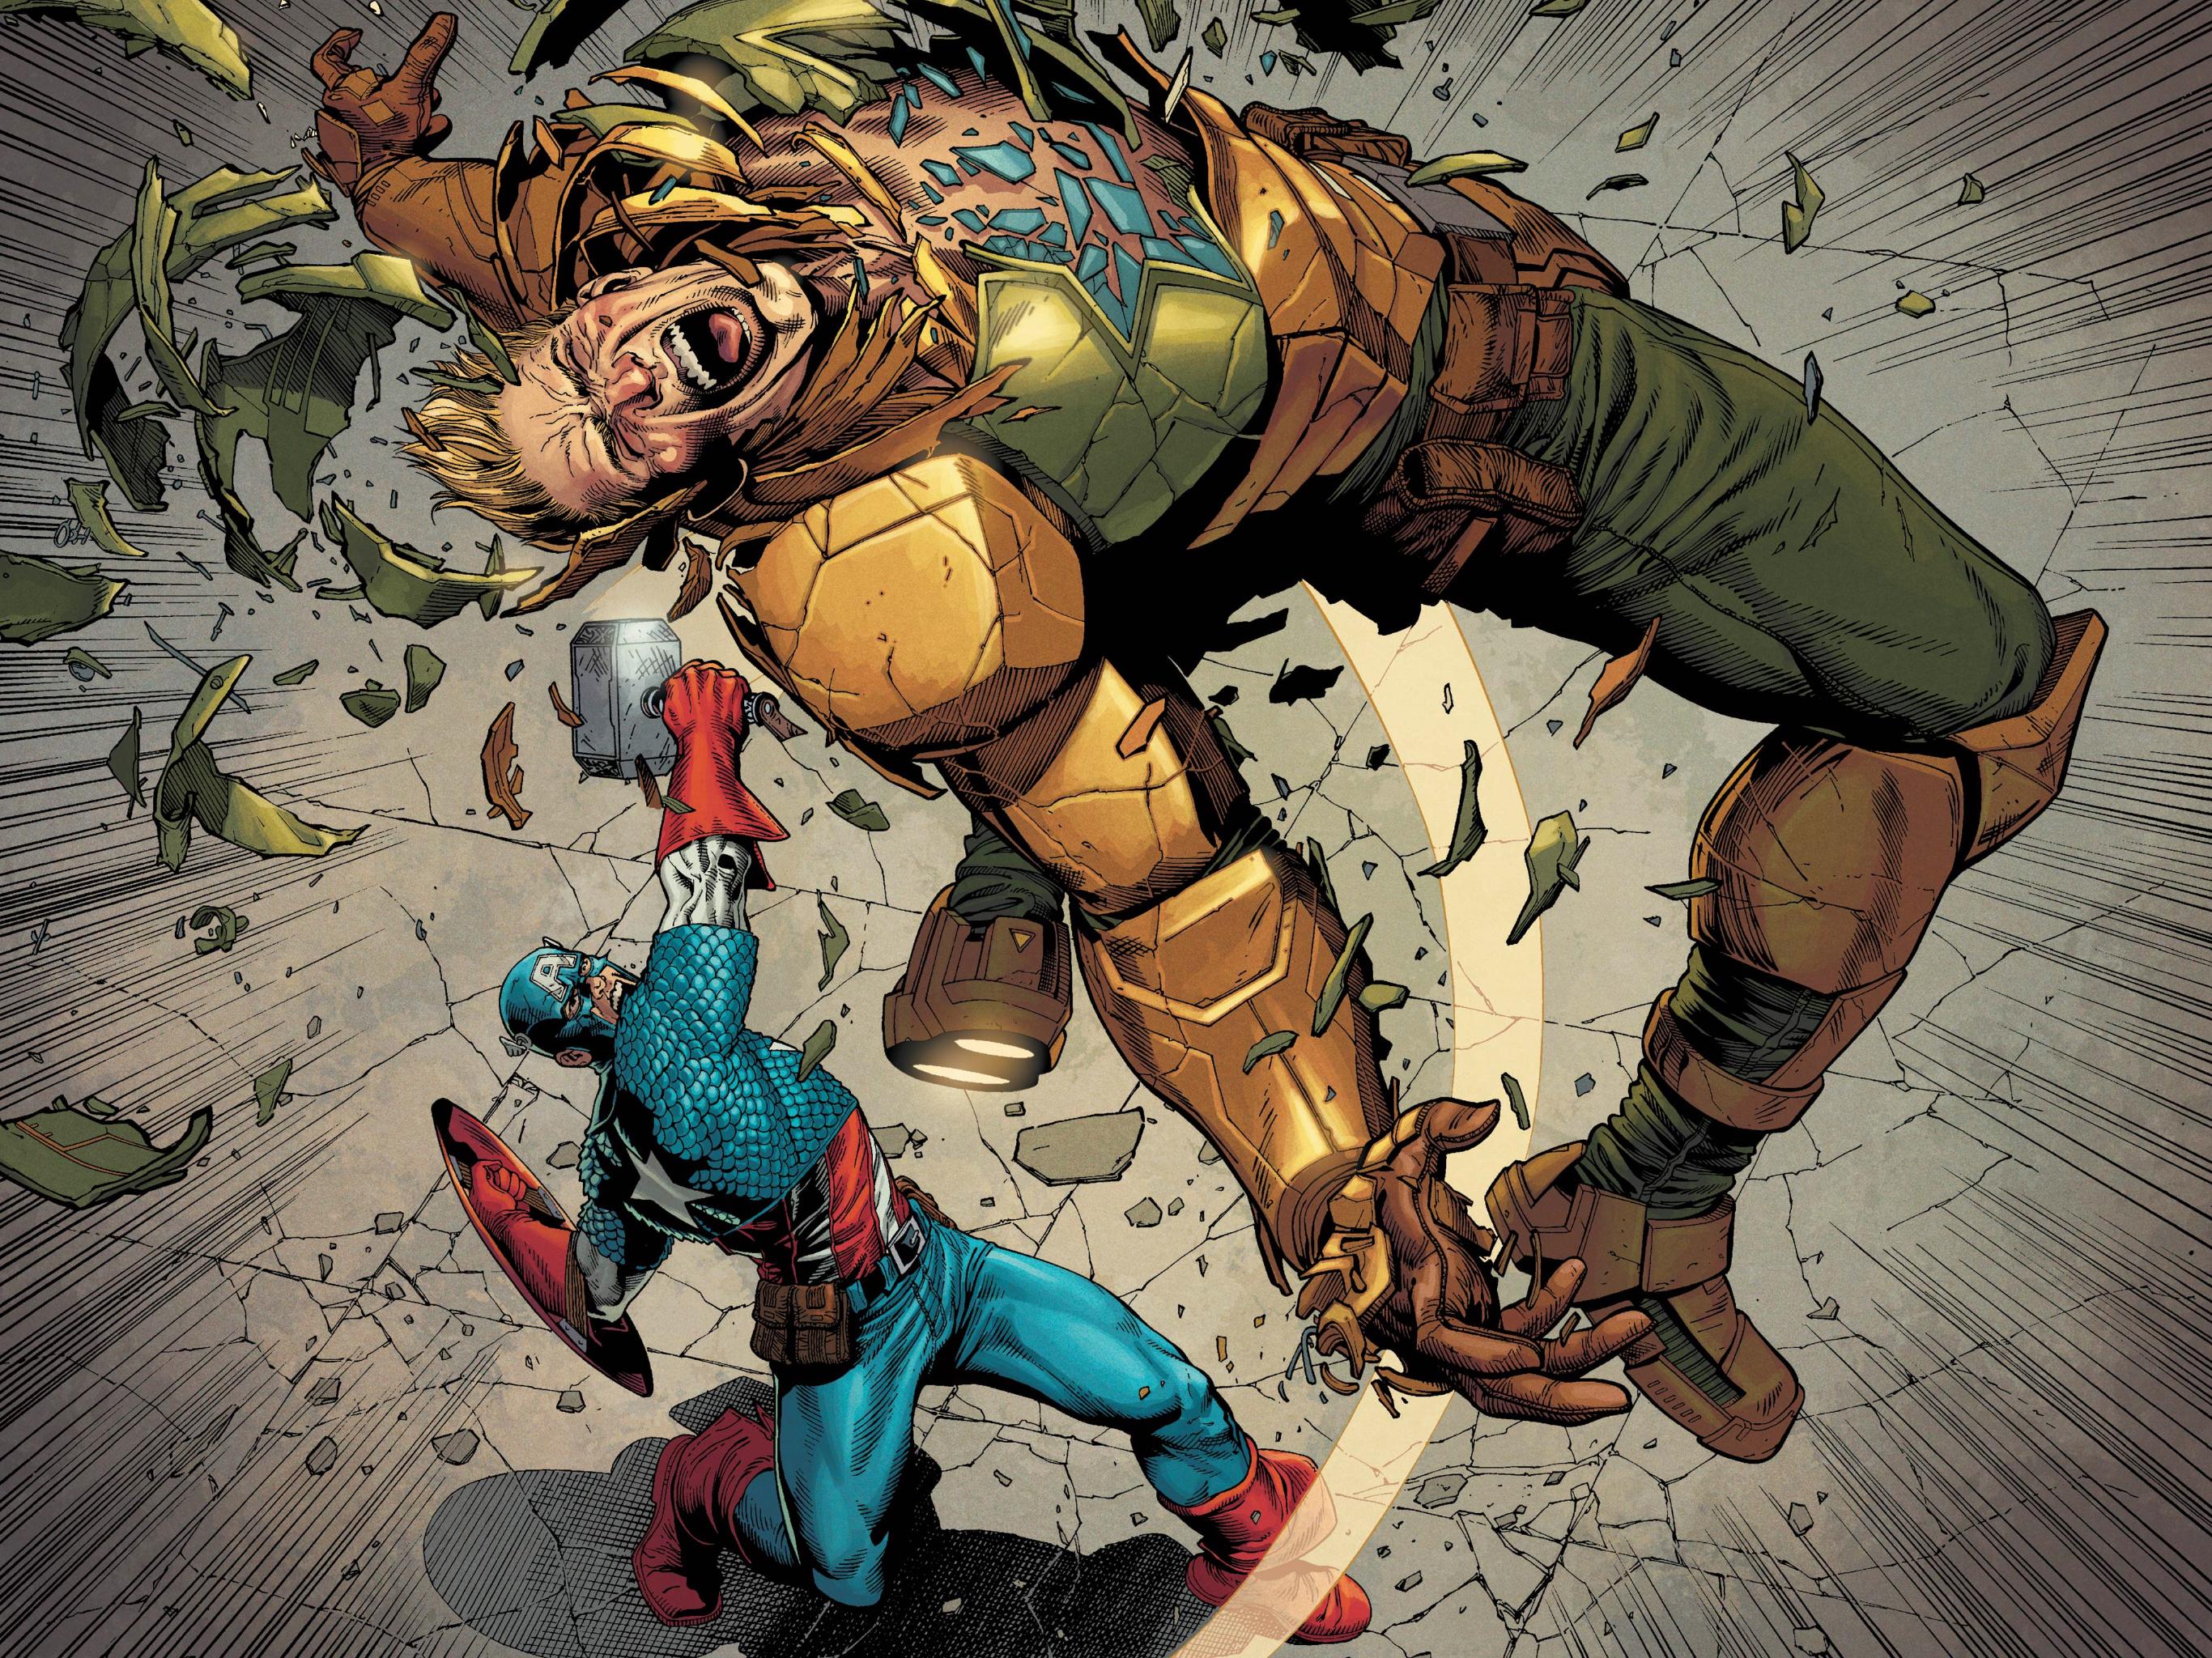 Steve Rogers fighting Steve Rogers in Secret Empire #10, Marvel Comics (2017).